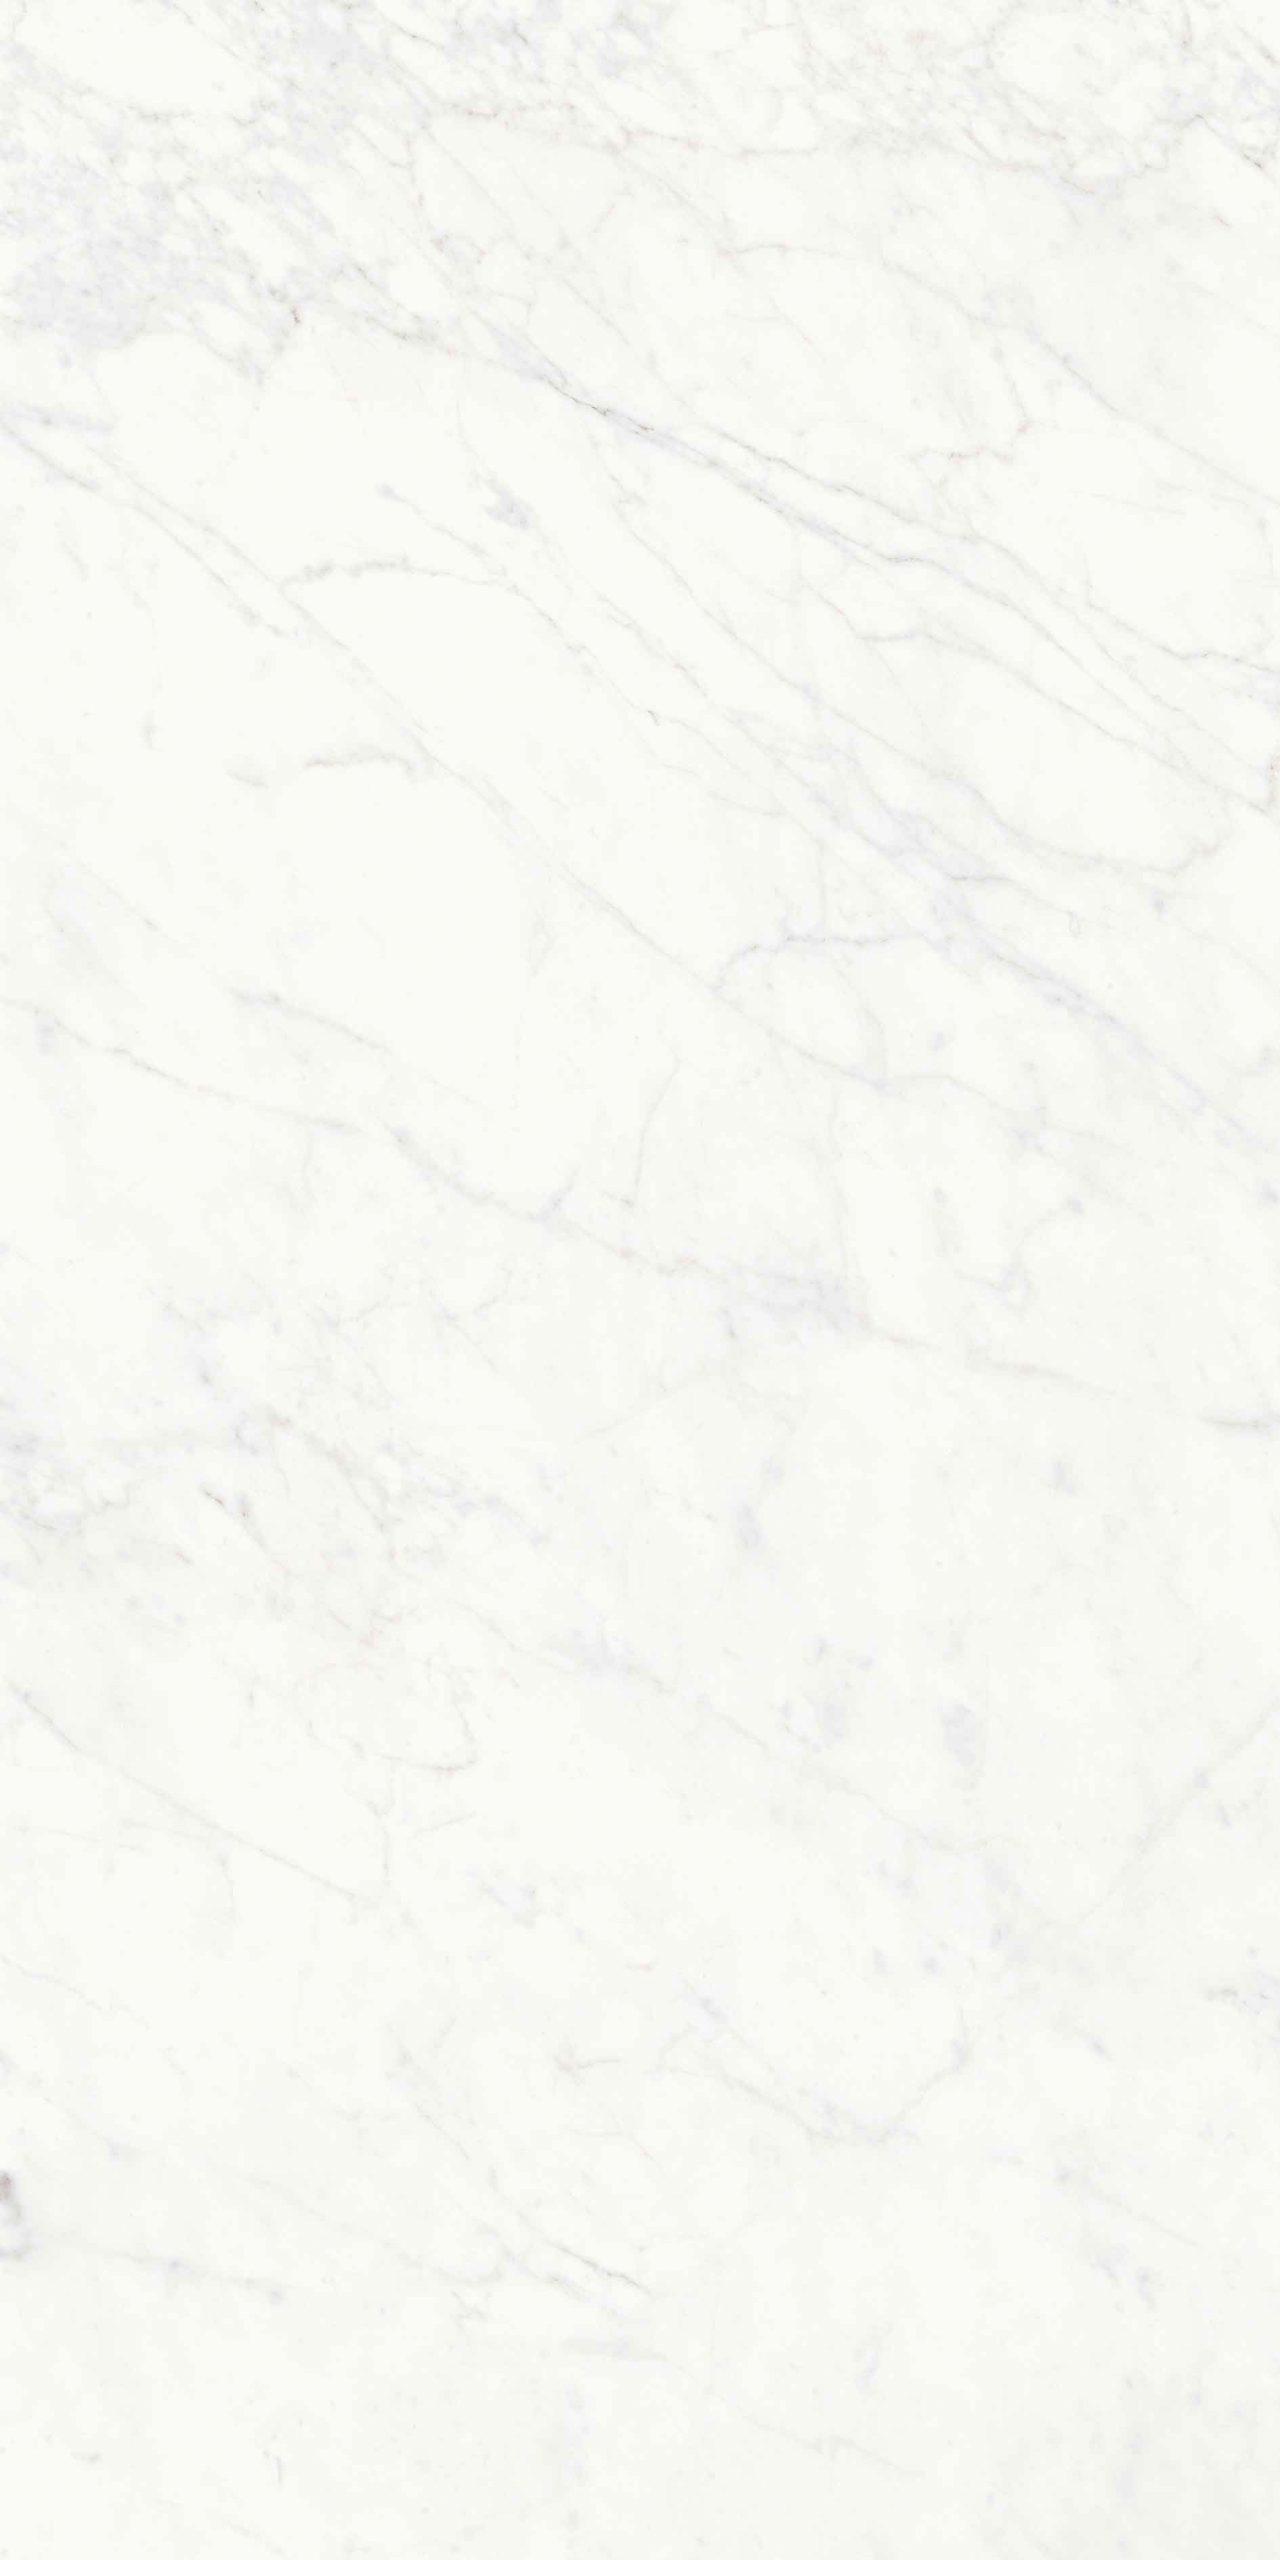 Stontech 4.0 Stone 01 Glossy 6mm 160 x 320